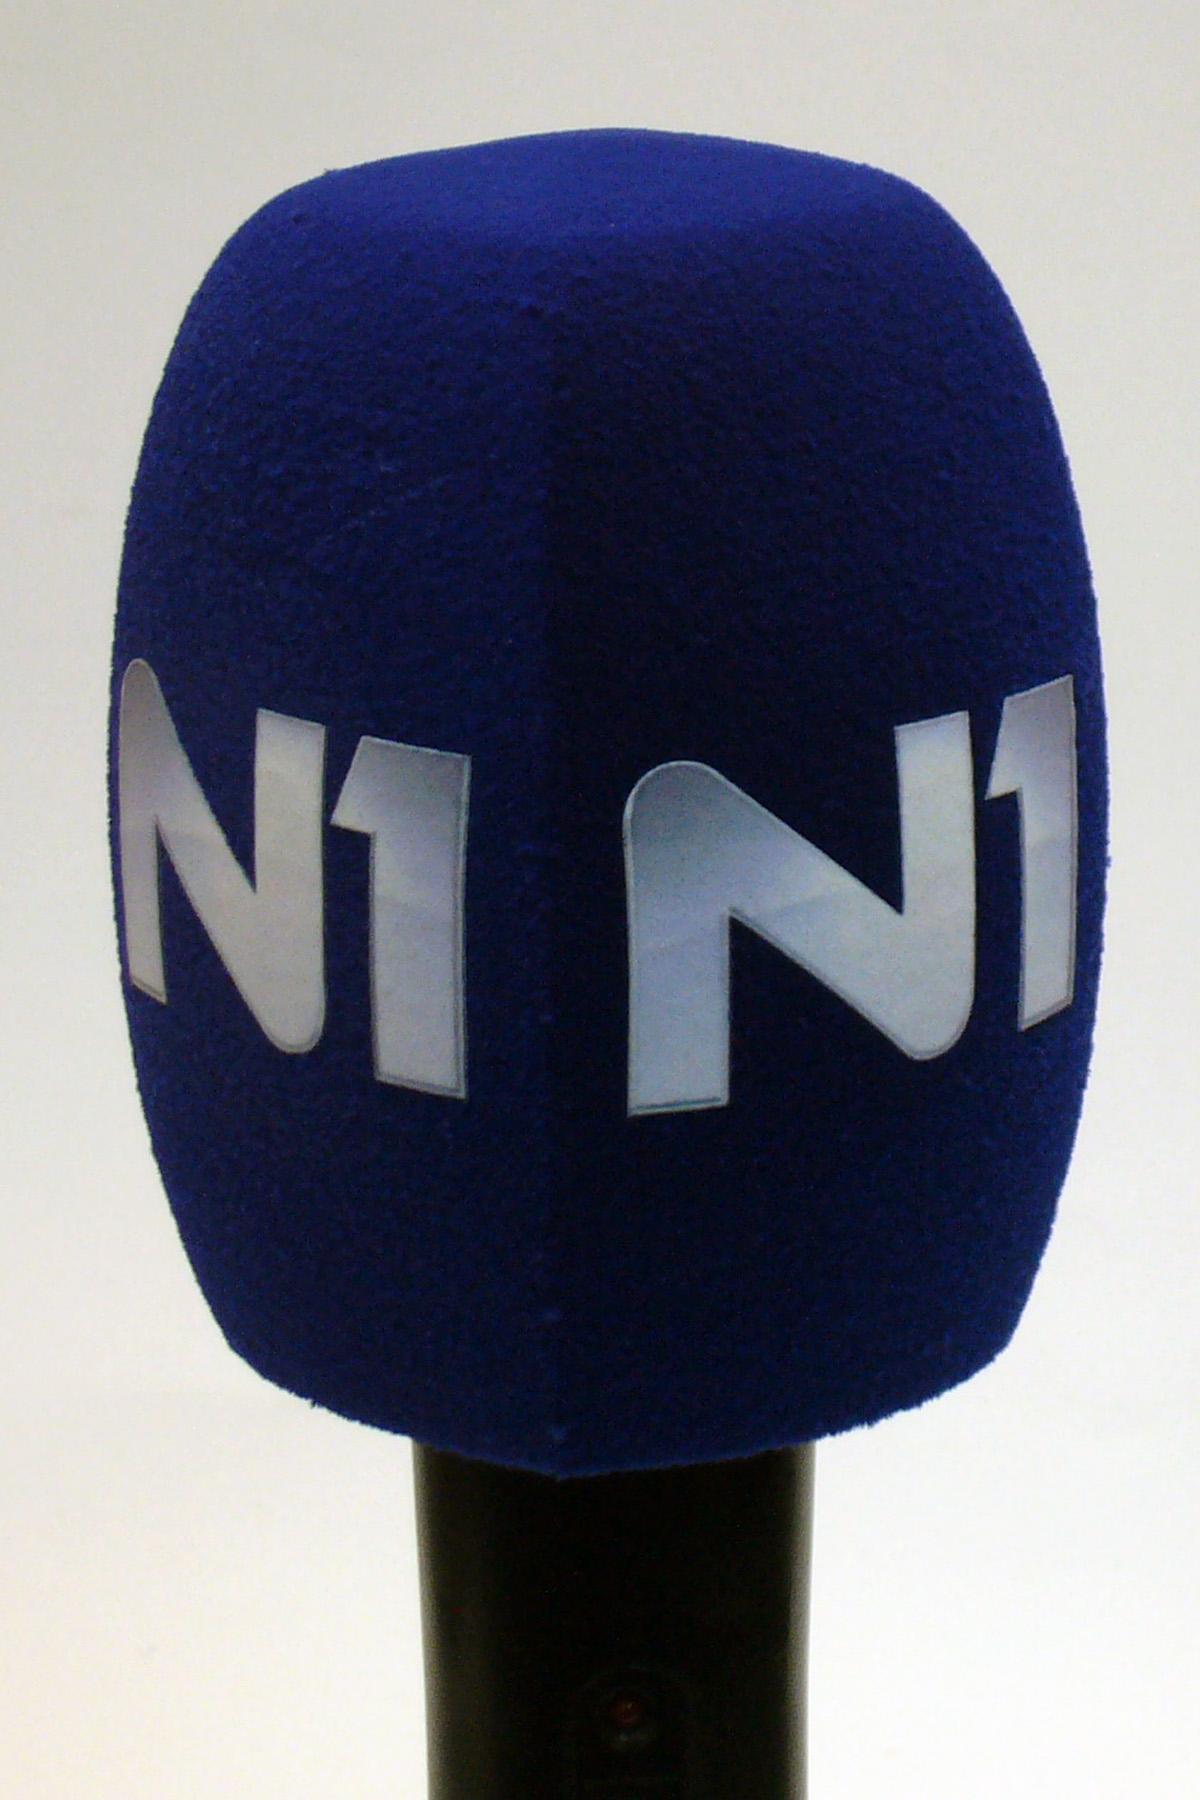 N1 mic cover